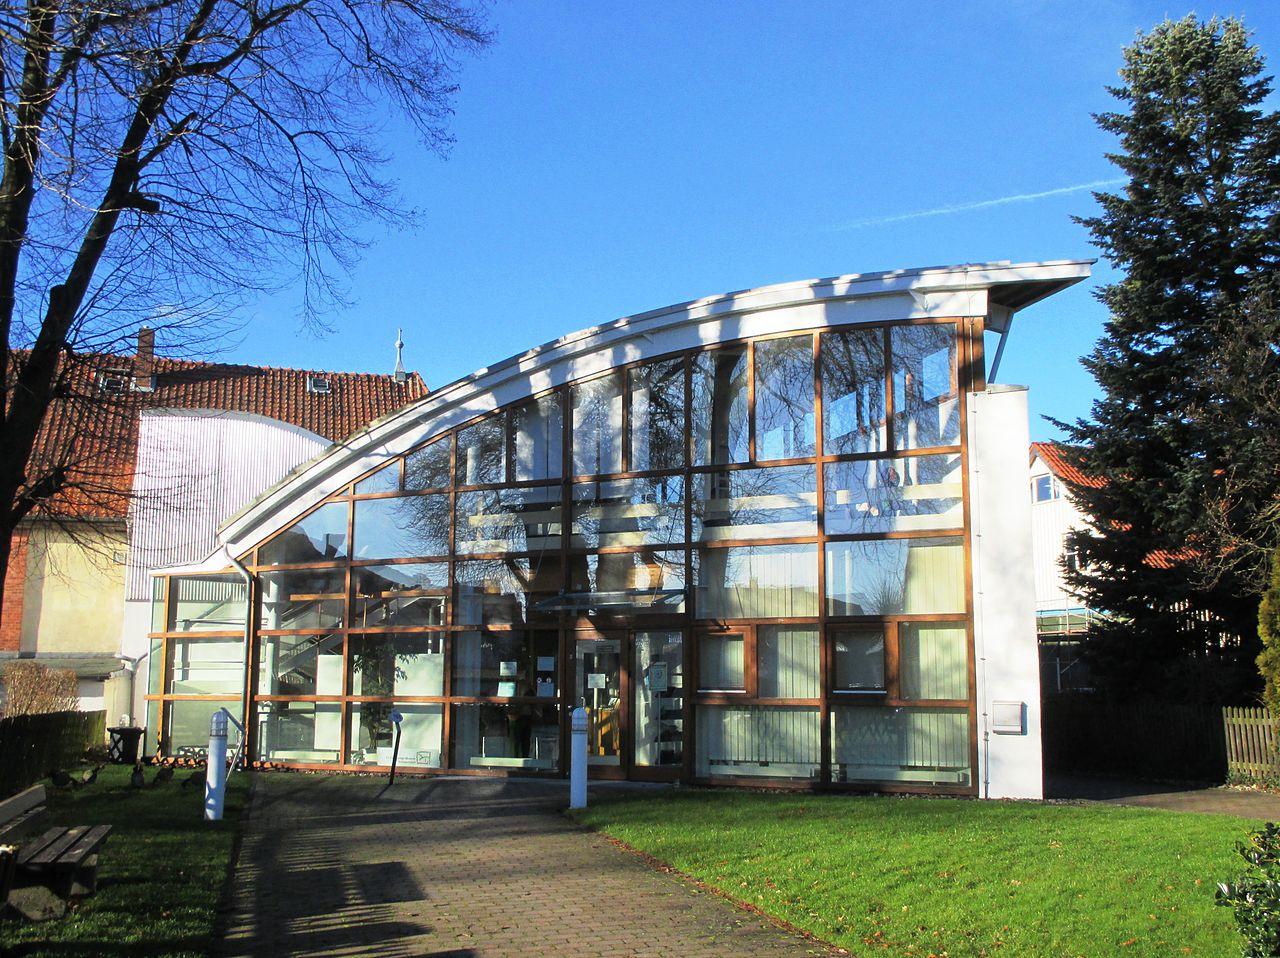 Bild Till Eulenspiegel Museum Schöppenstedt